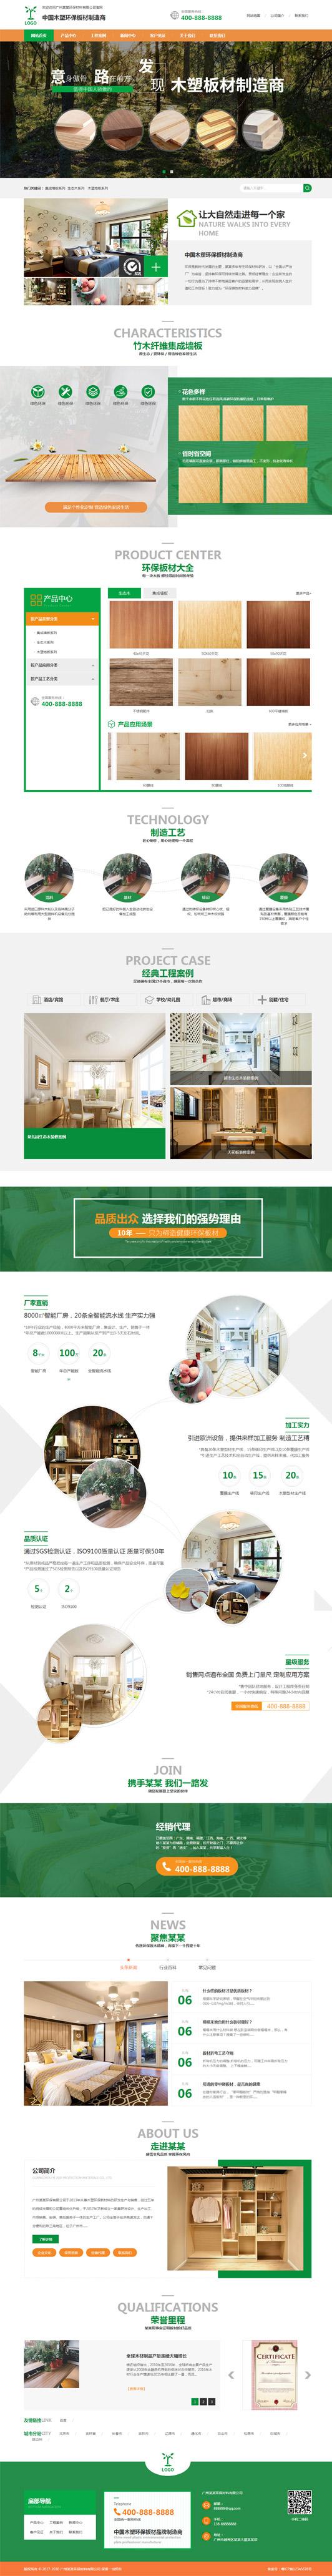 环保材料公司网站营销式模板